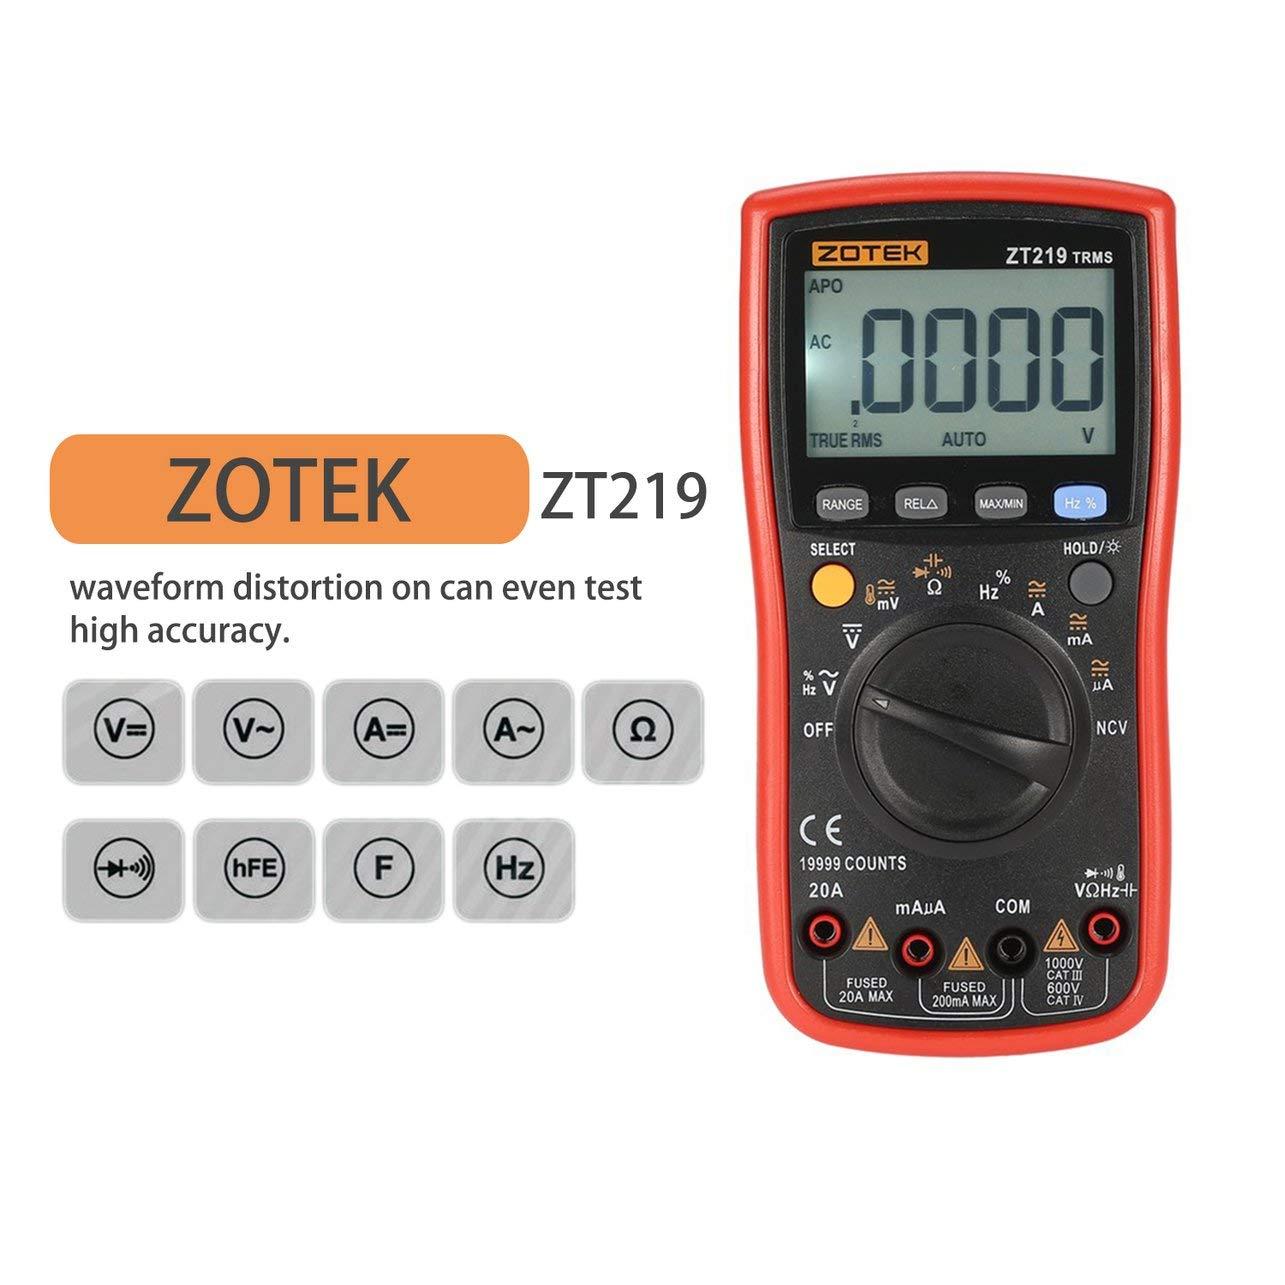 STRIR Cable de la pluma del alambre de la punta de prueba del mult/ímetro del Mult/ímetro digital mult/ímetro digital-1000v 20A